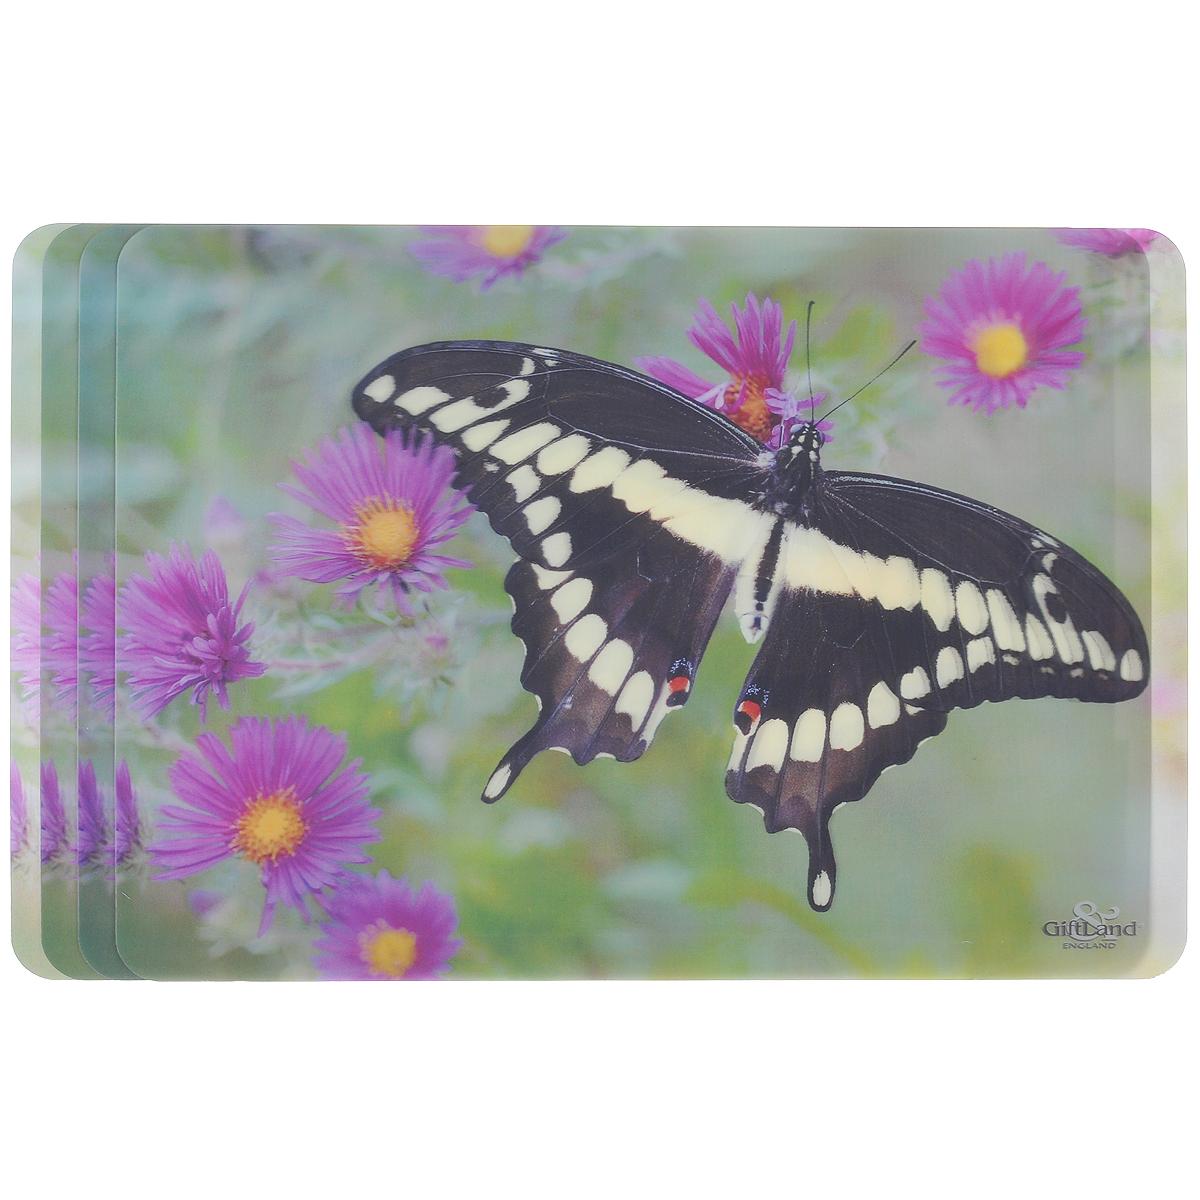 Набор сервировочных салфеток 3D GiftLand Черная бабочка, 34,5 см х 24,5 см, 4 шт3D-12 В BlackНабор GiftLand Черная бабочка, изготовленный из полипропилена, состоит из четырех сервировочных салфеток с эффектом 3D. Такие салфетки - это отличная идея для сервировки! Салфетки декорированы ярким объемным изображением бабочки и цветов. Изделия защищают поверхность стола от воздействия температур, влаги и загрязнений, а также украшают интерьер. Могут использоваться для детского творчества (рисования, лепки из пластилина) в качестве защитного покрытия, подставки под вазы, кухонные приборы. Размер салфетки: 34,5 см х 24,5 см.